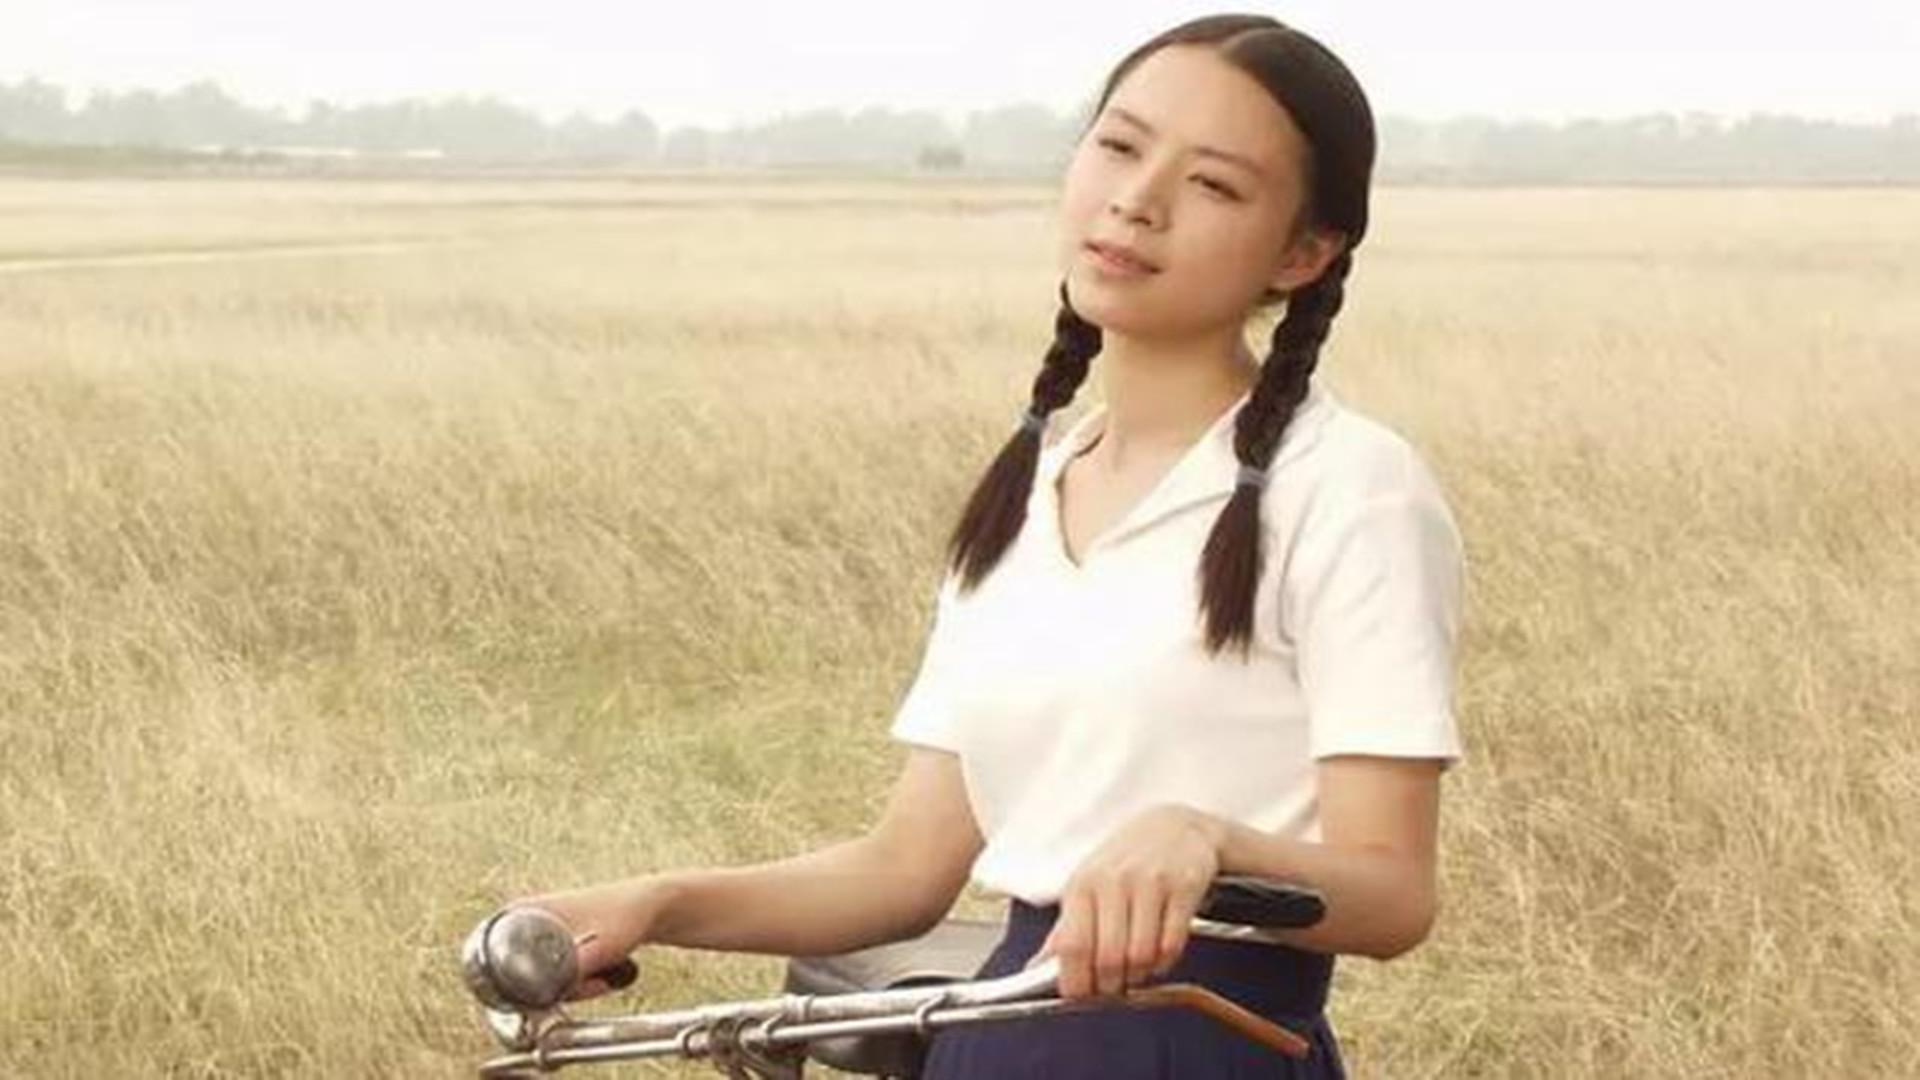 六部感人的文艺电影,《百鸟朝凤》上榜,你还看过哪部?